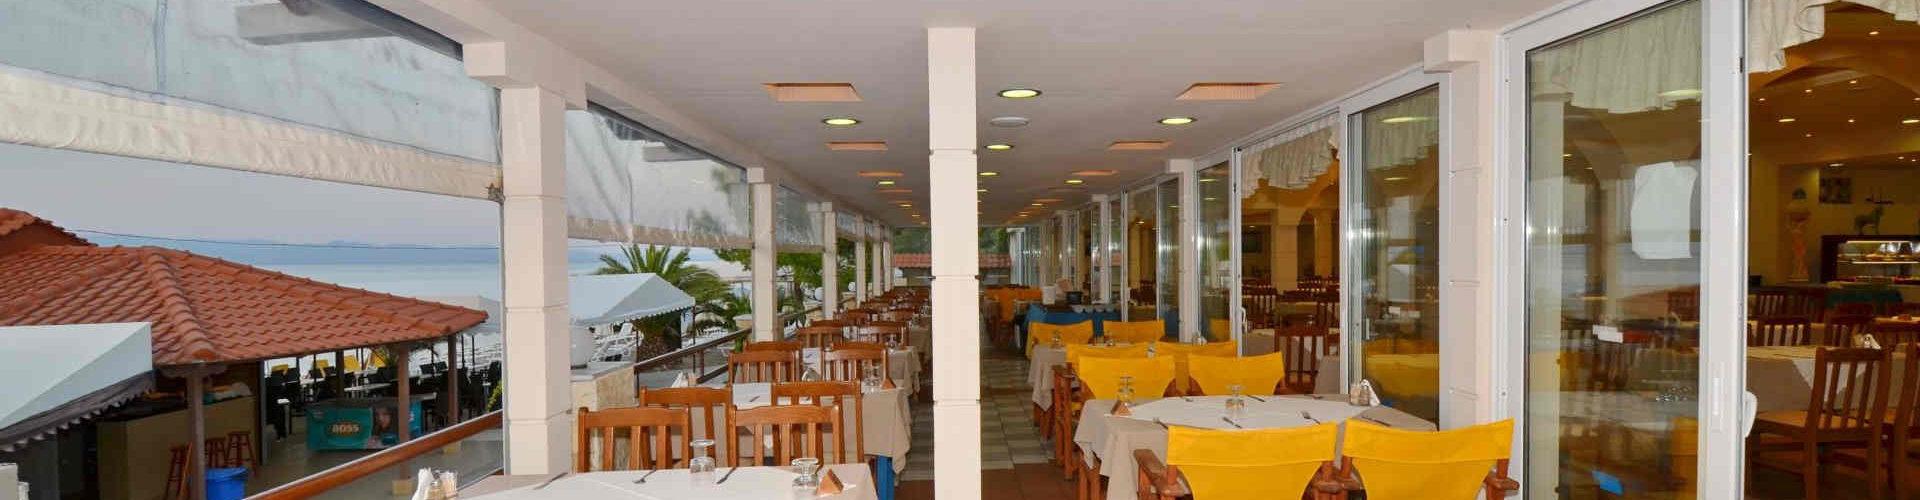 SHR Restaurant 14